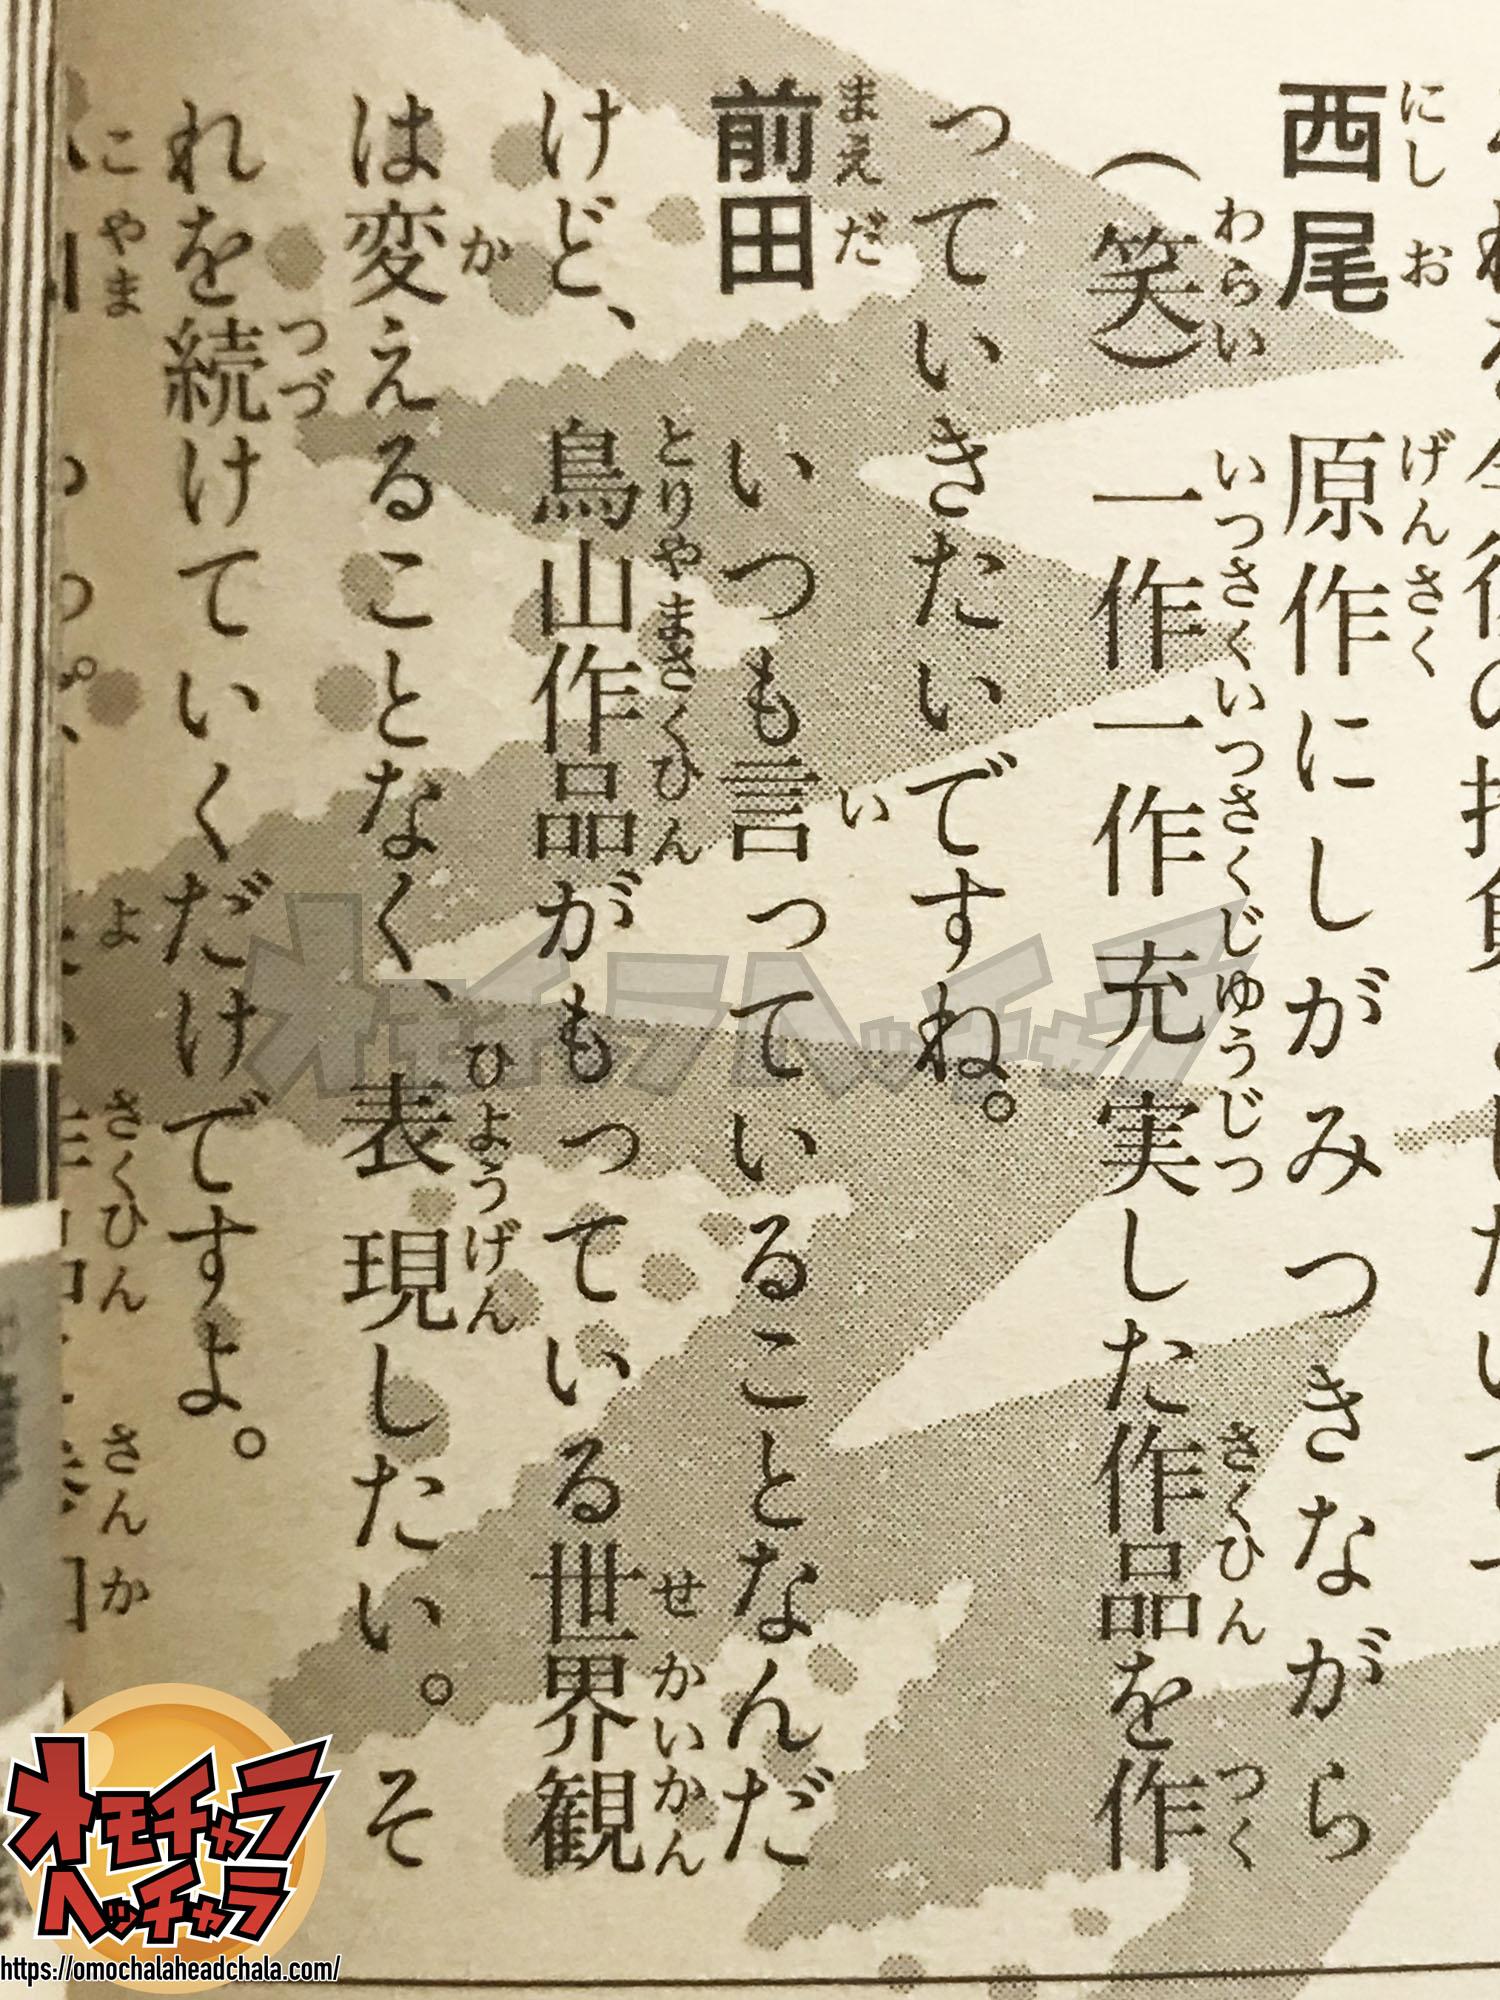 ドラゴンボールフィギュアレビューブログの前田実さんインタビュー